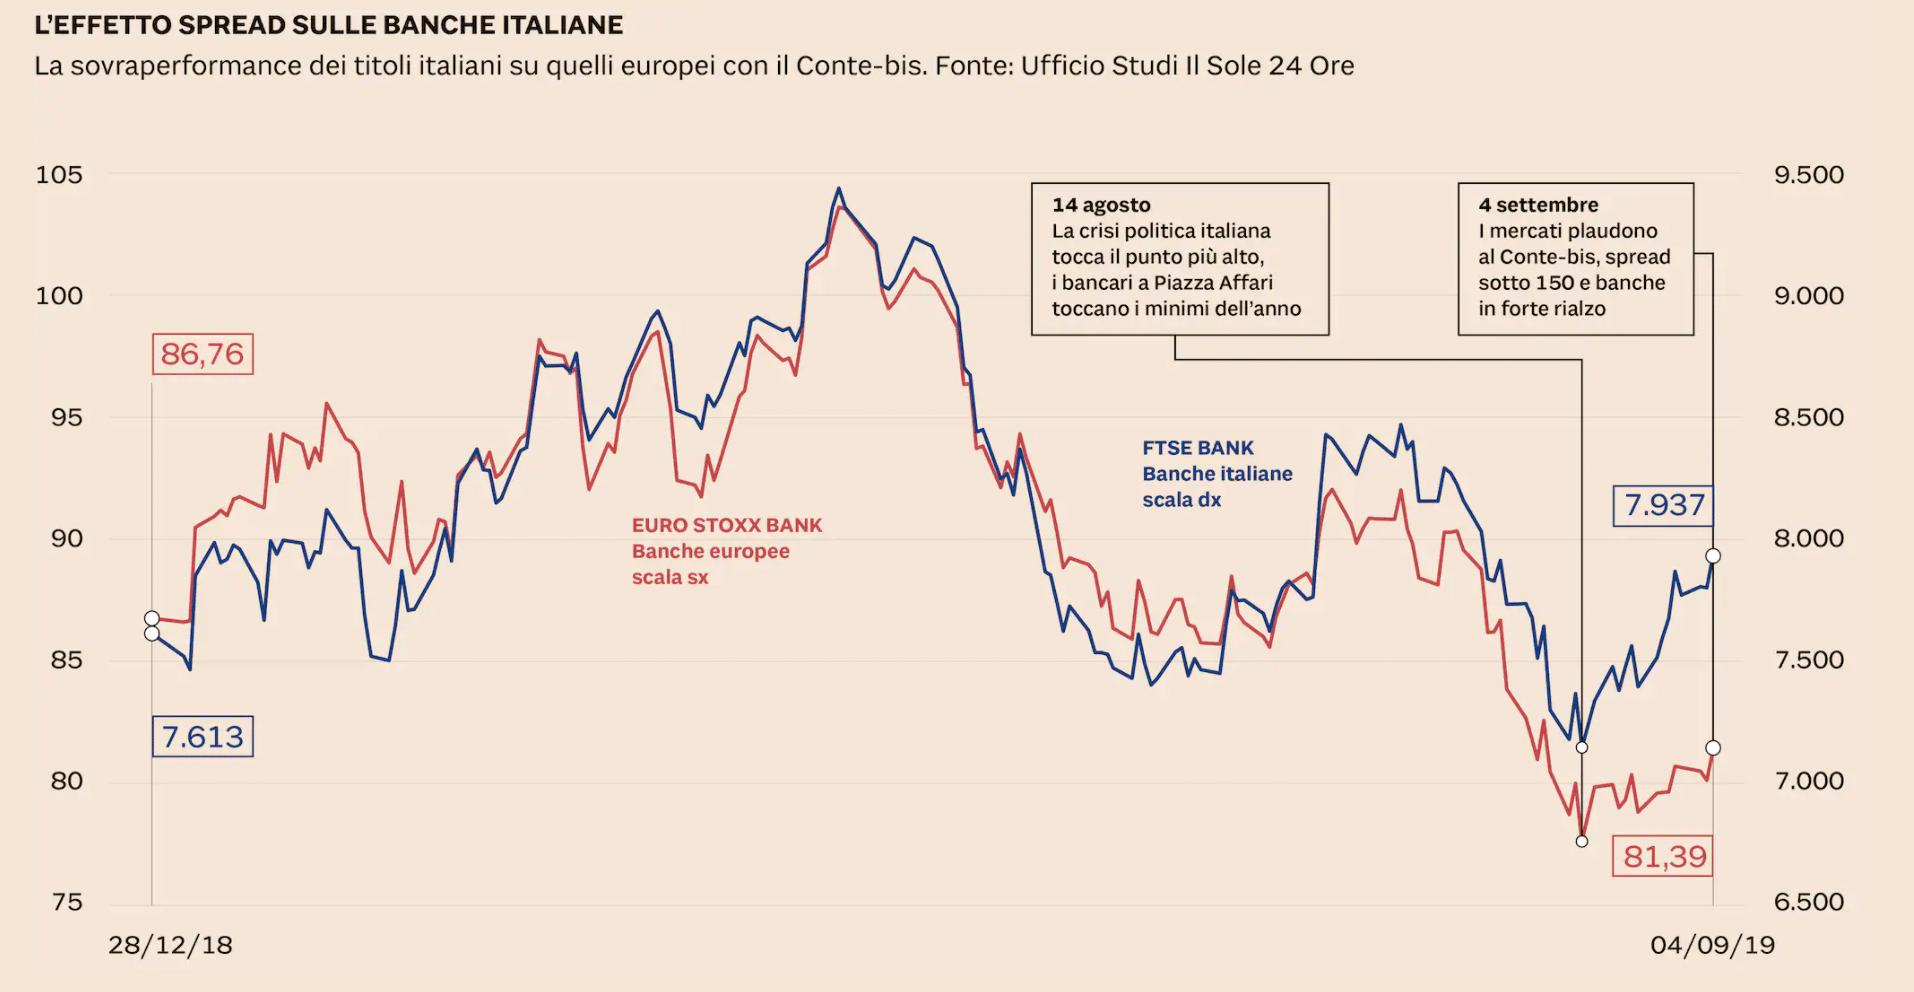 banche Italiane quotate in borsa spread